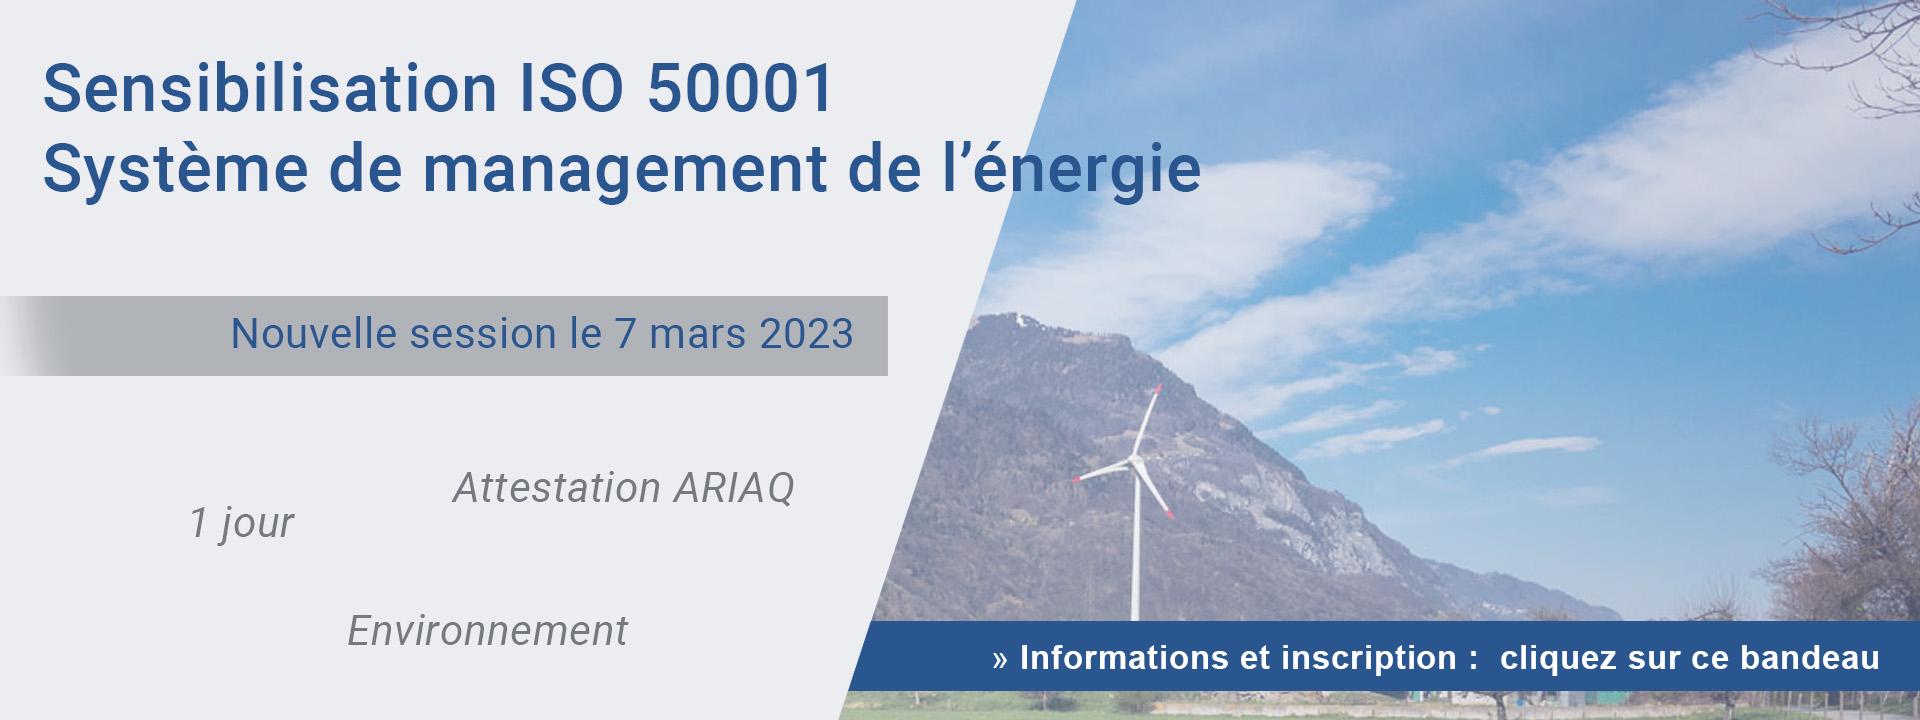 Sensibilisation ISO 50001 - Système de management de l'énergie